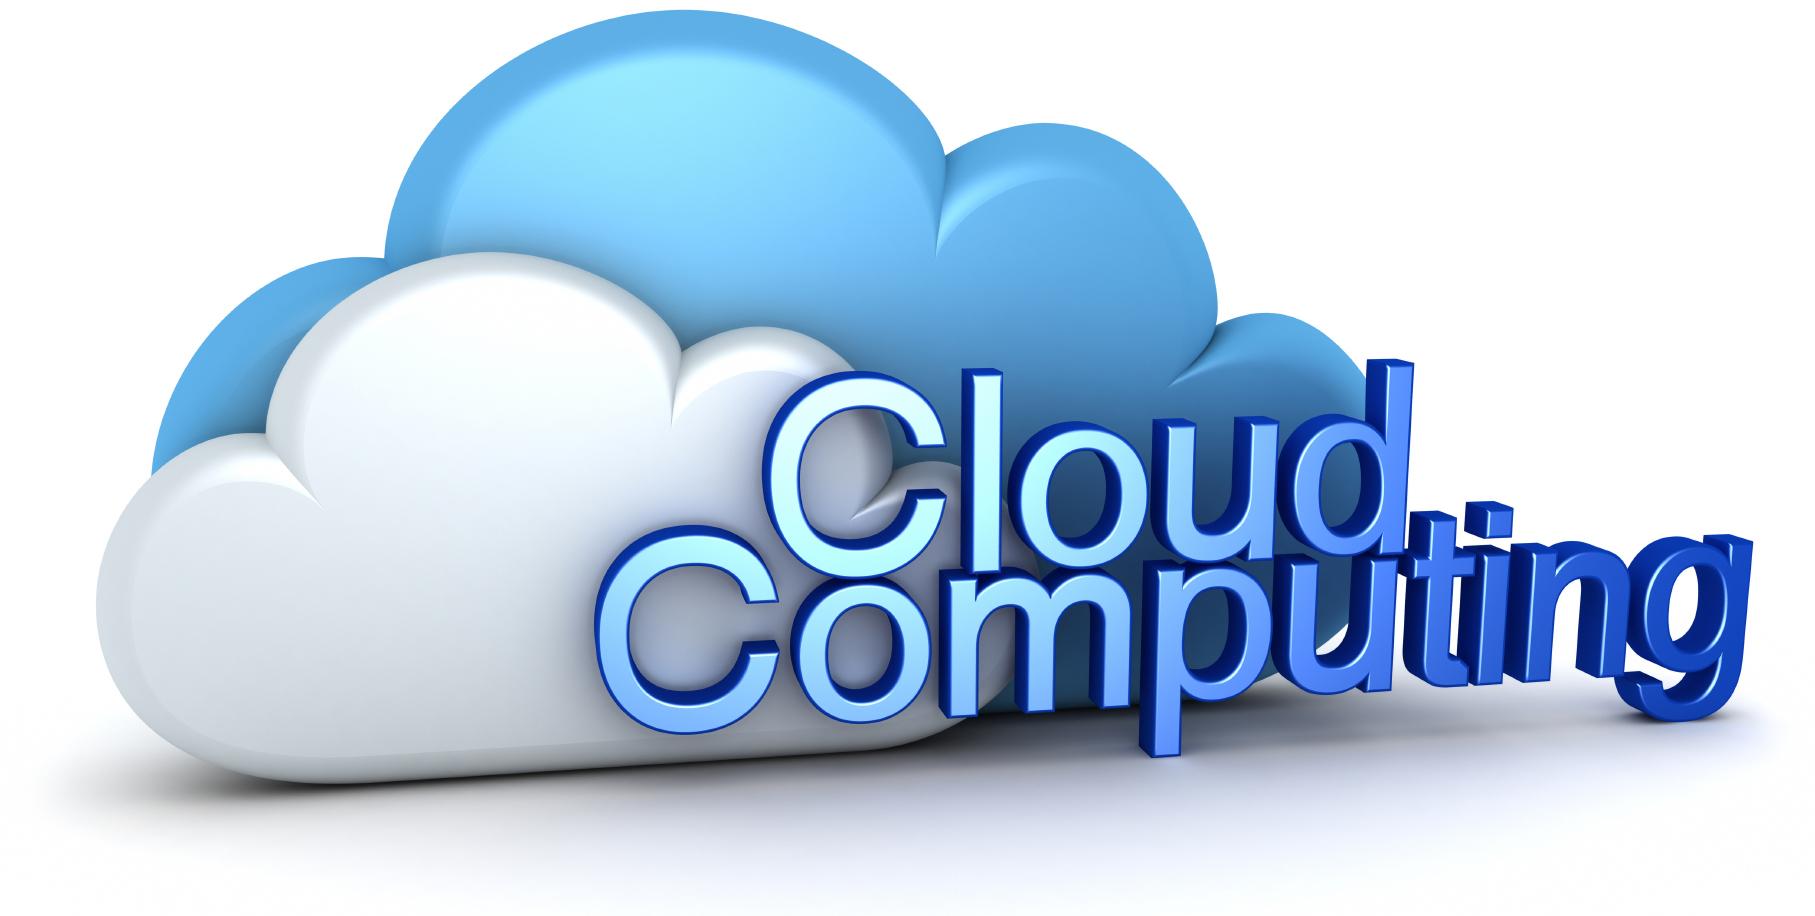 Top 5 Benefits of Cloud Computing